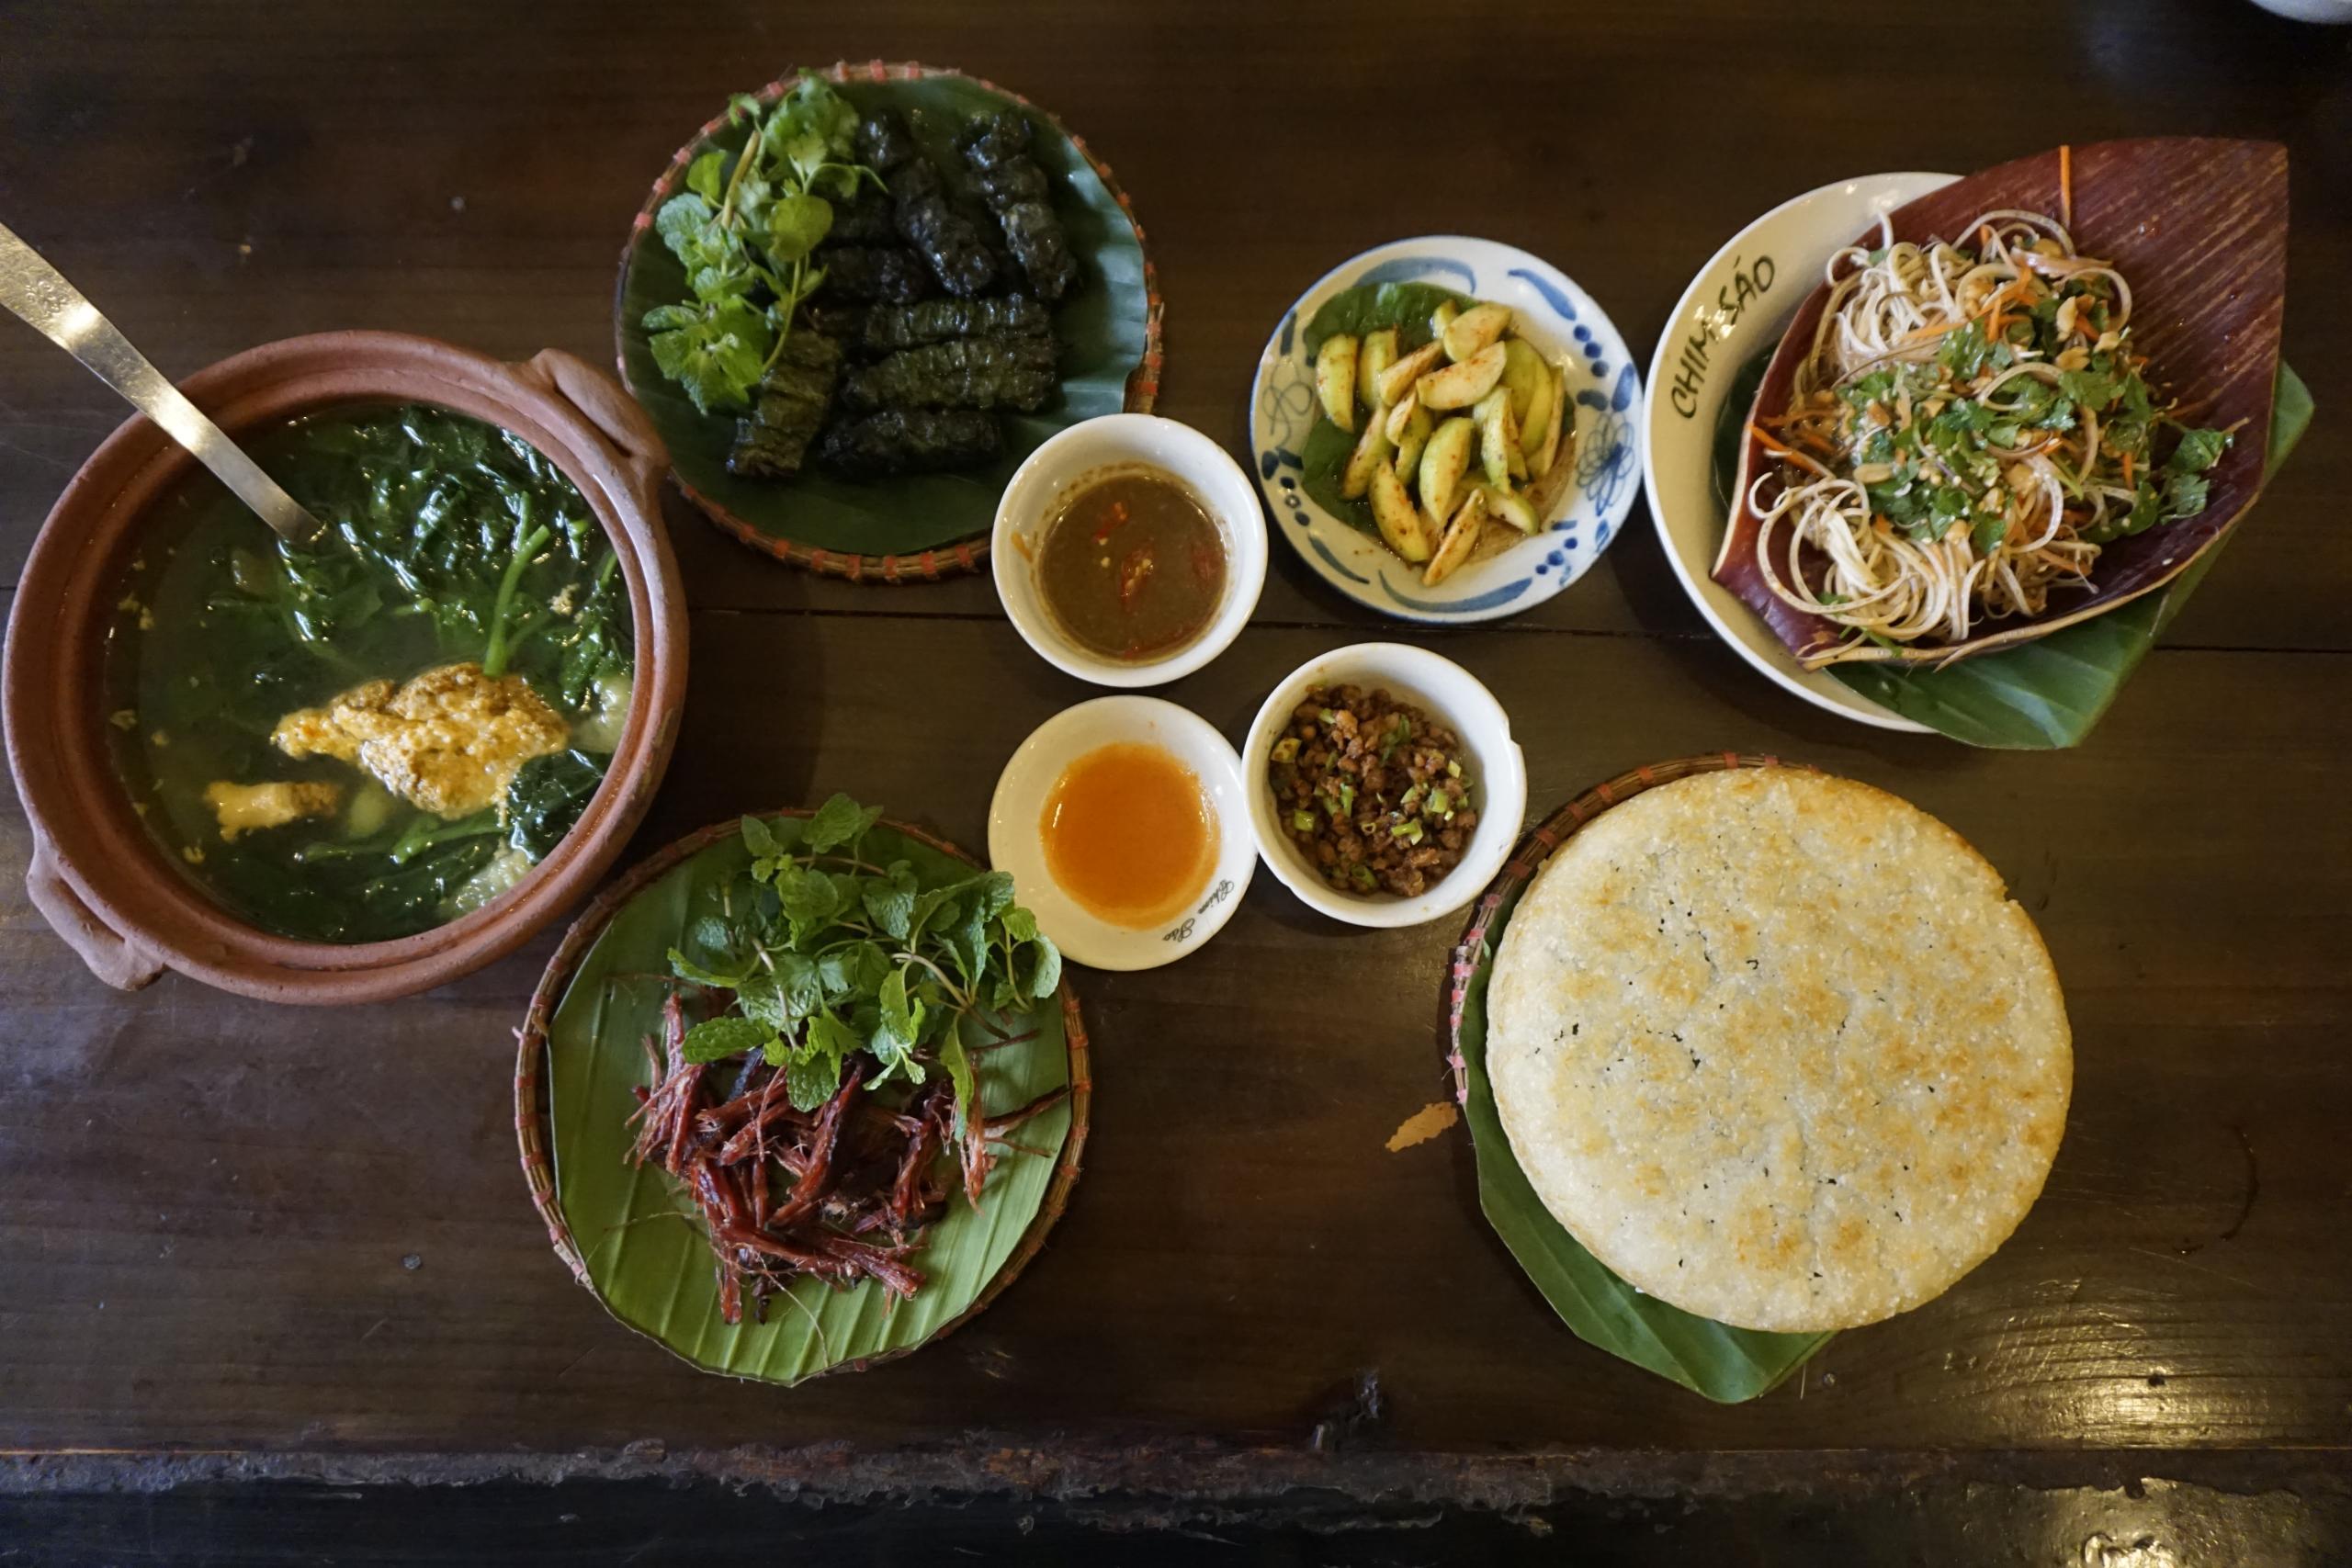 ベトナム料理 ハノイ名物料理